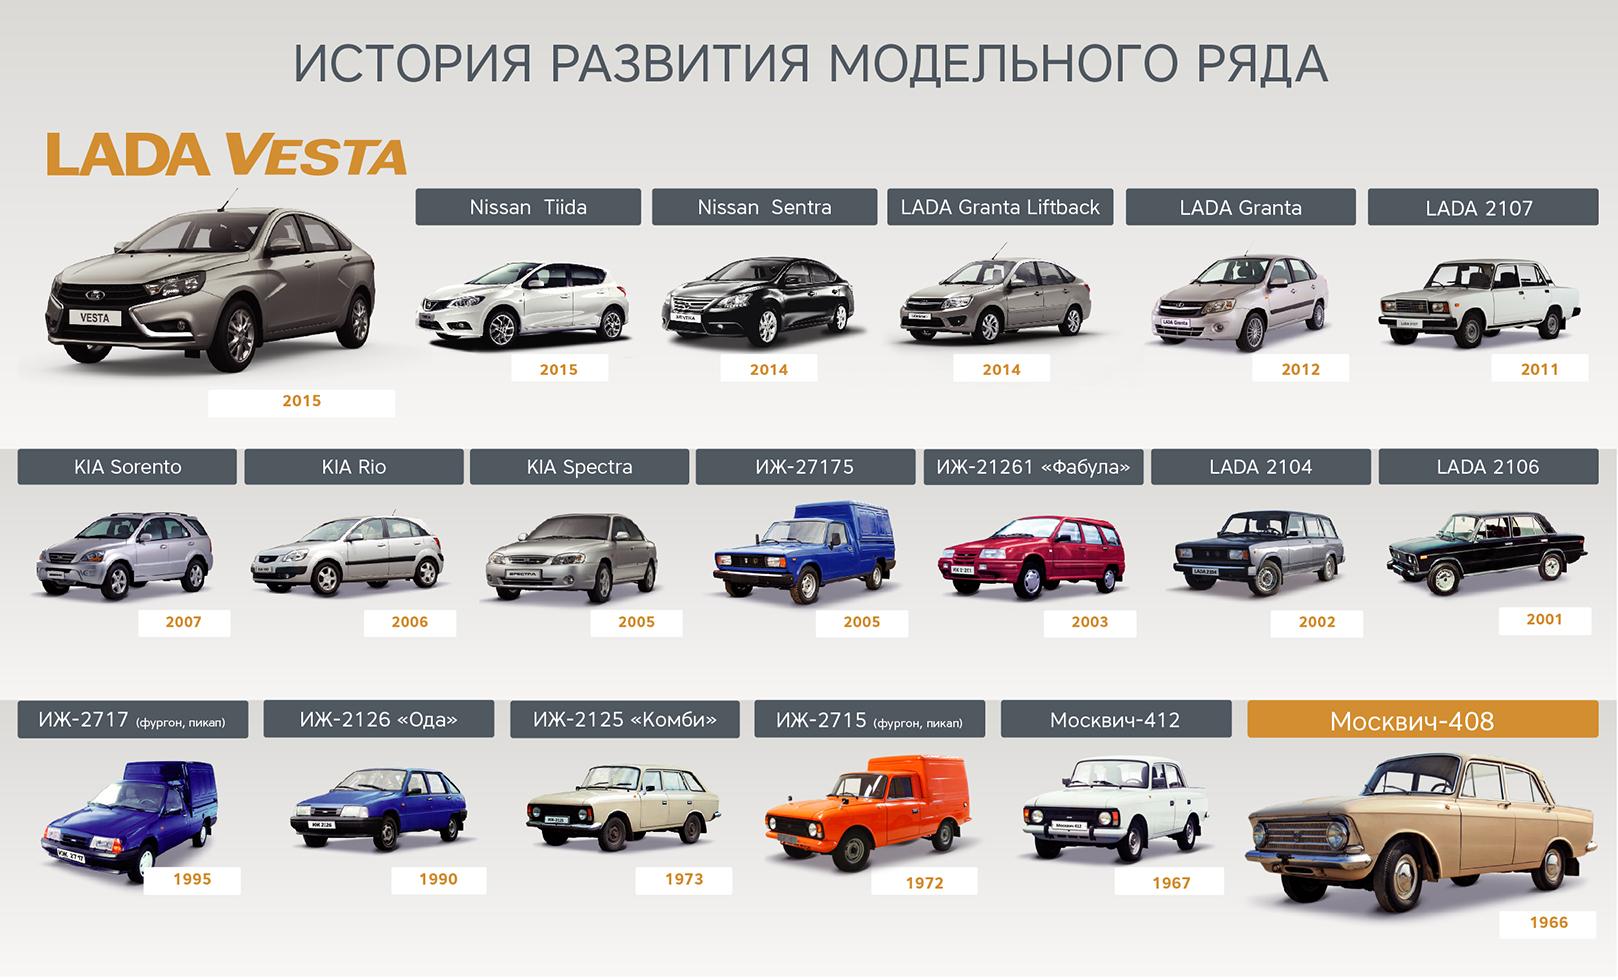 Волжский автомобильный завод хочет закончить выпуск Лада Priora